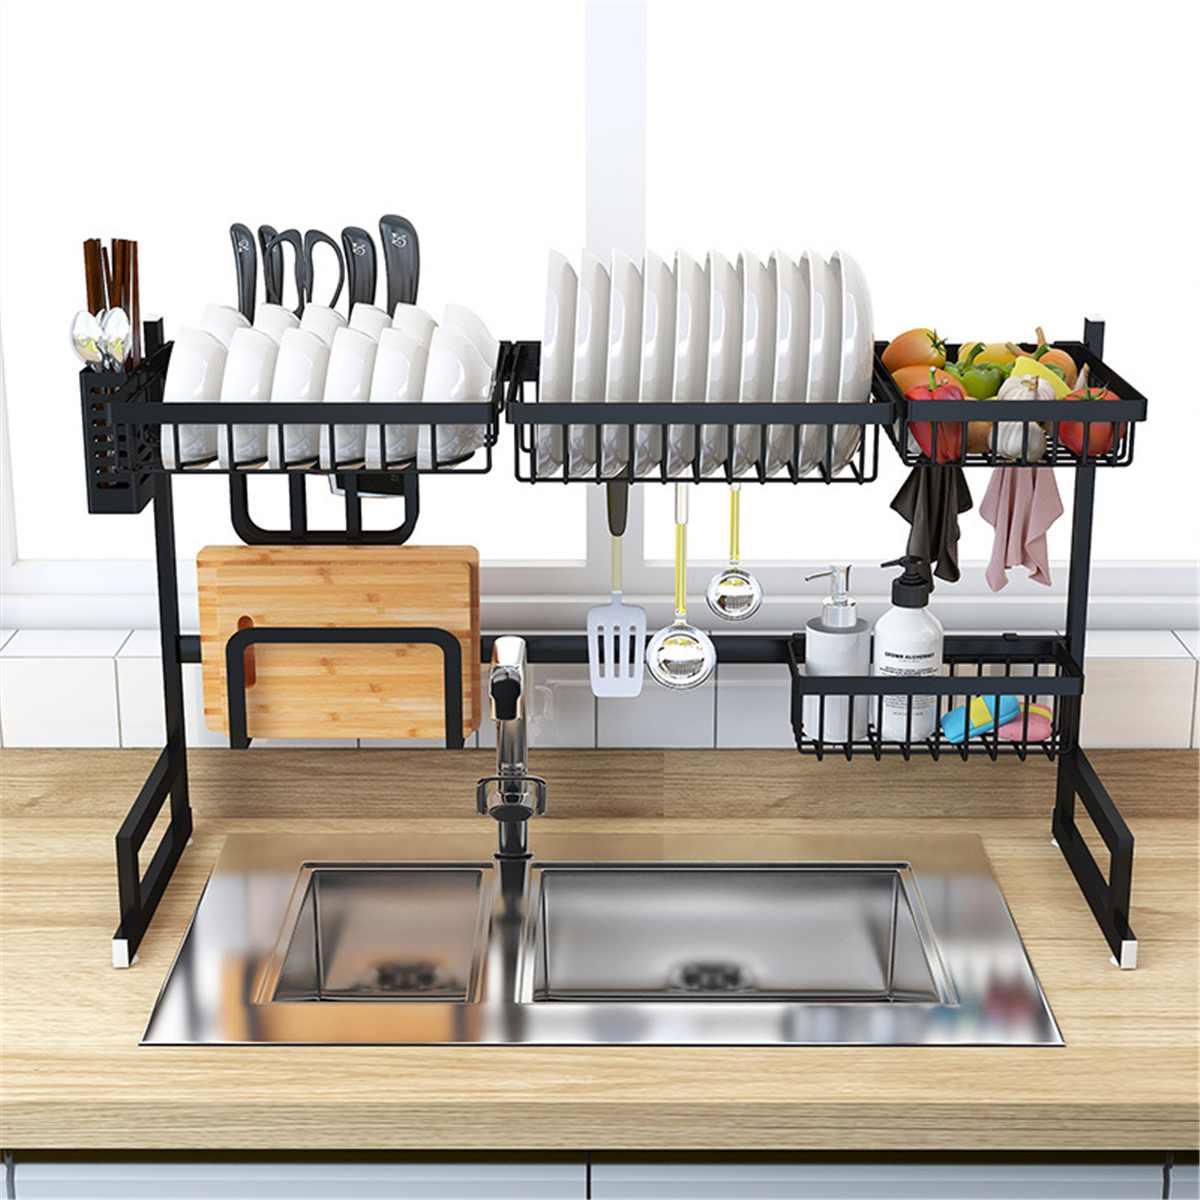 65 85cm Over Sink Stainless Steel Kitchen Shelf Storage Holders Bowl Dish Rack Organizer Utensils Storage Supplies In Black